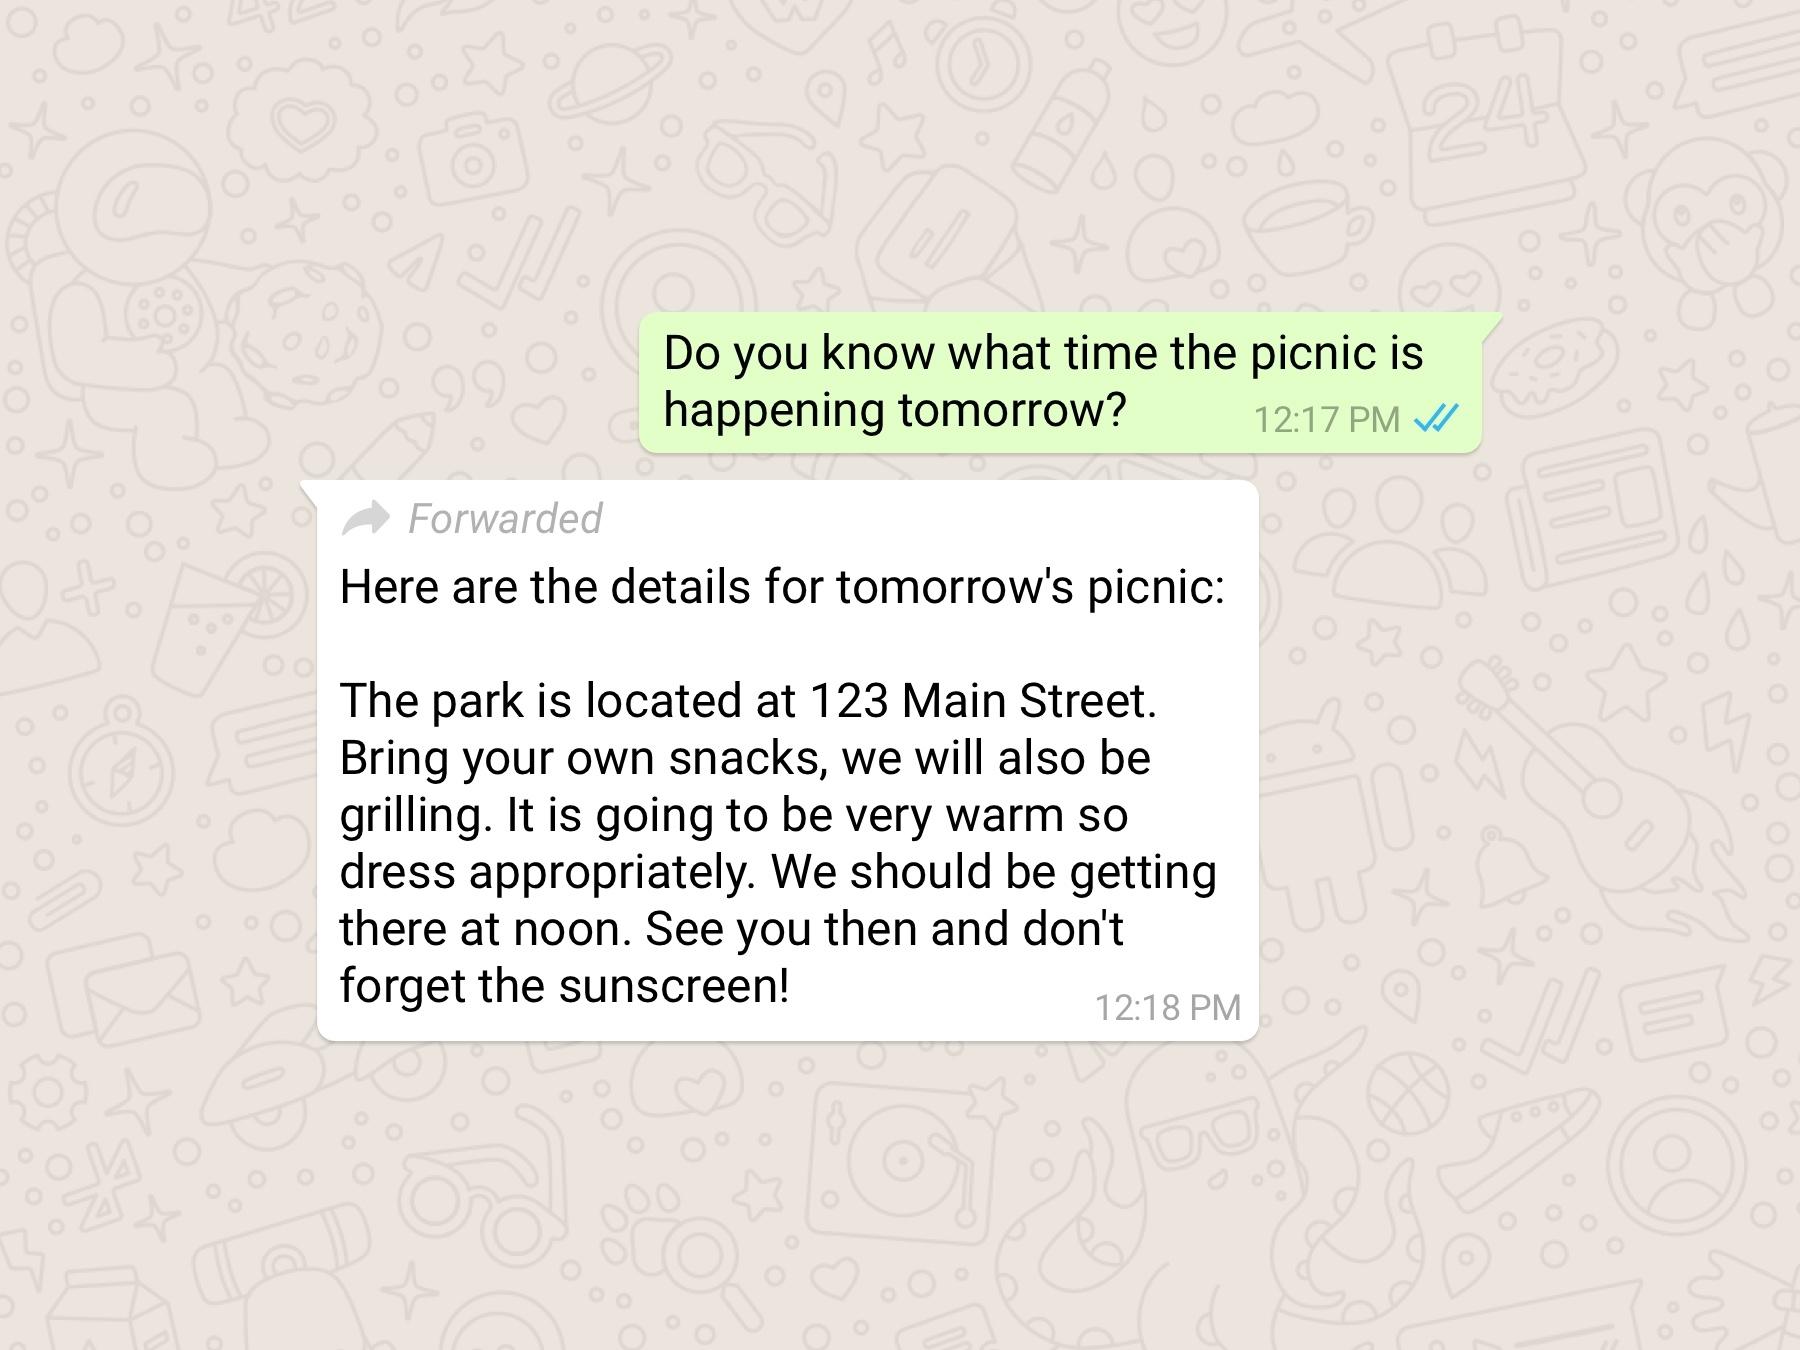 WhatsApp passa a indicar mensagens encaminhadas